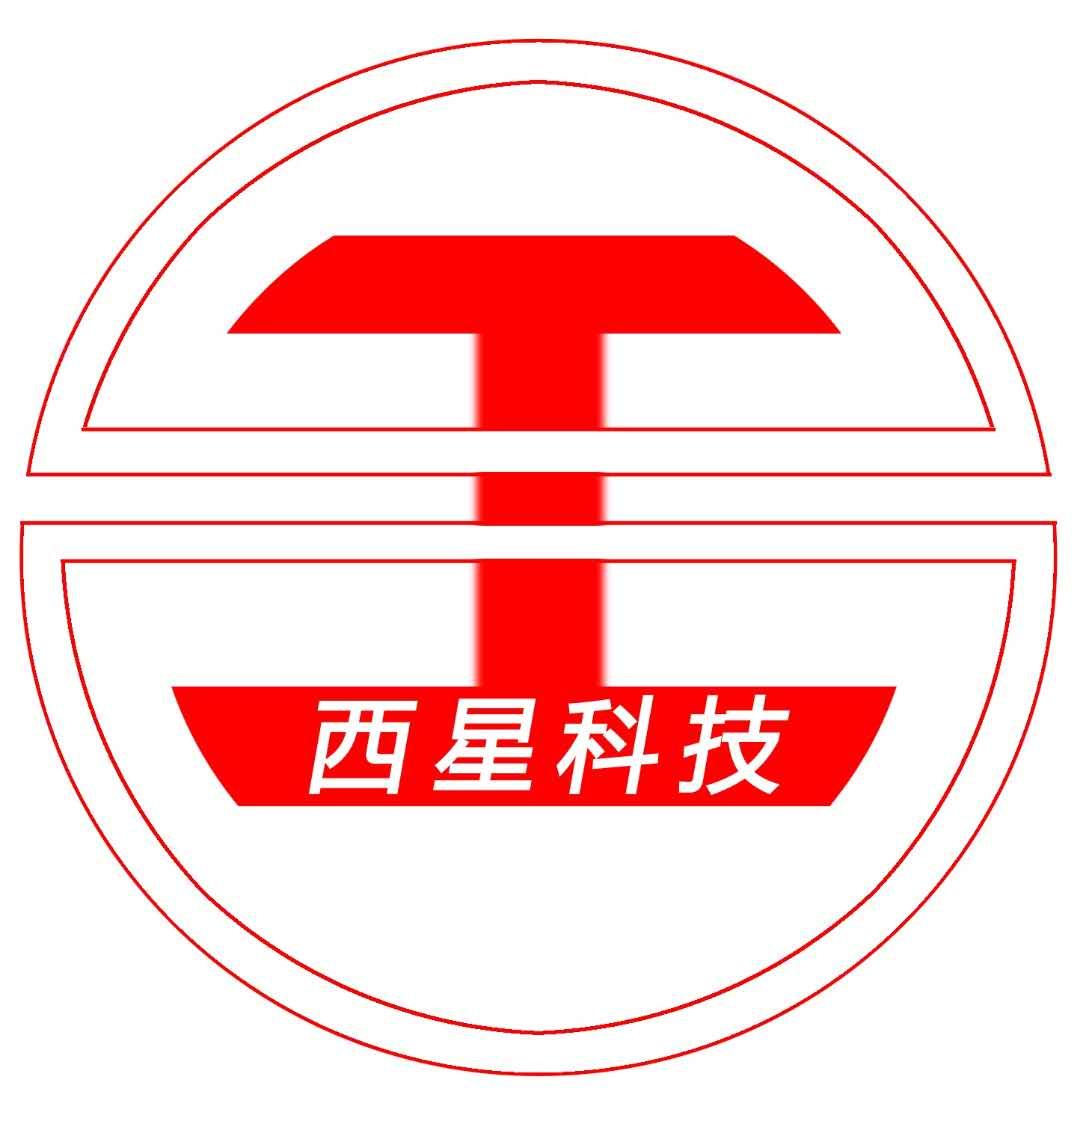 北京西星光电科技有限公司